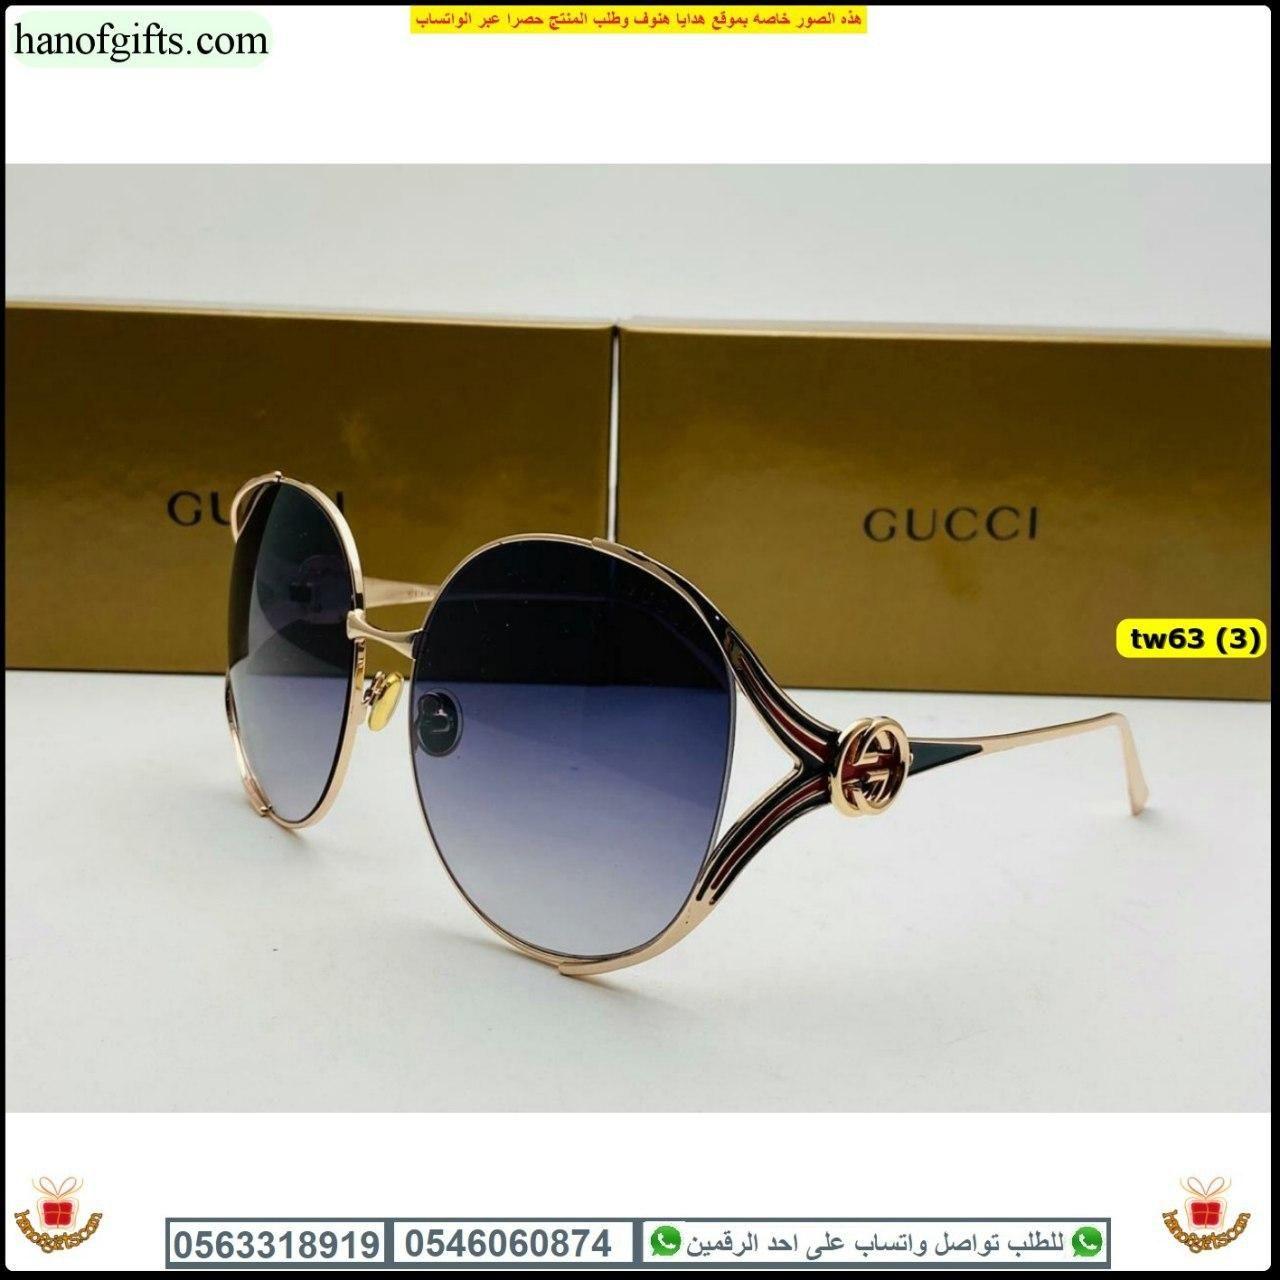 نظارات شمسية نسائية قوتشي Gucci احصل عليها مع ملحقات الماركة هدايا هنوف Sunglasses Oval Sunglass Glasses